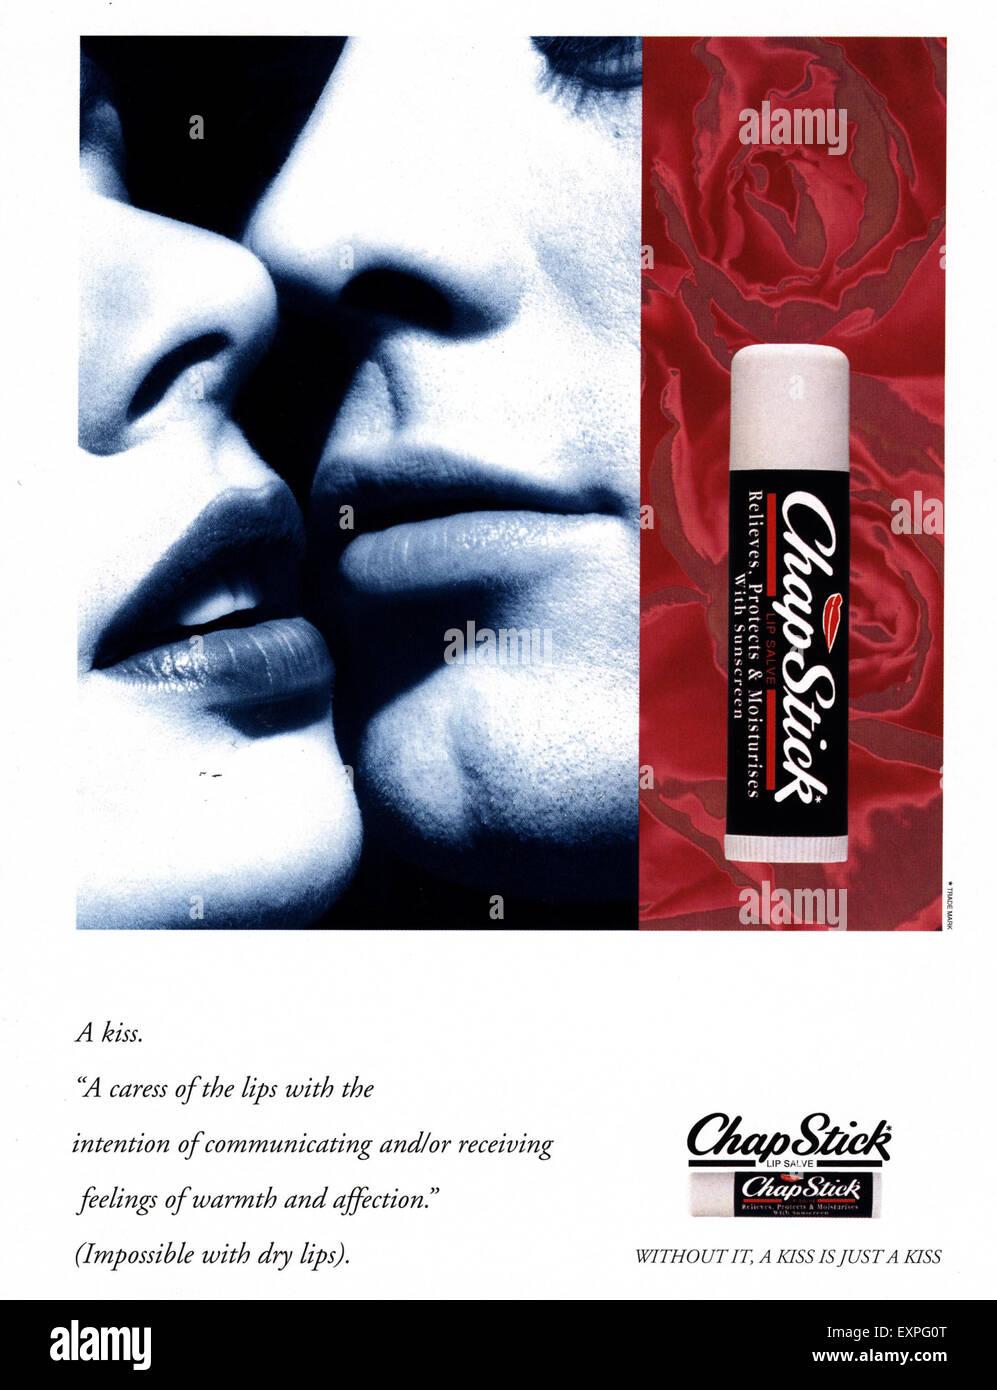 2000s UK Chap Stick Magazine Advert Stock Photo